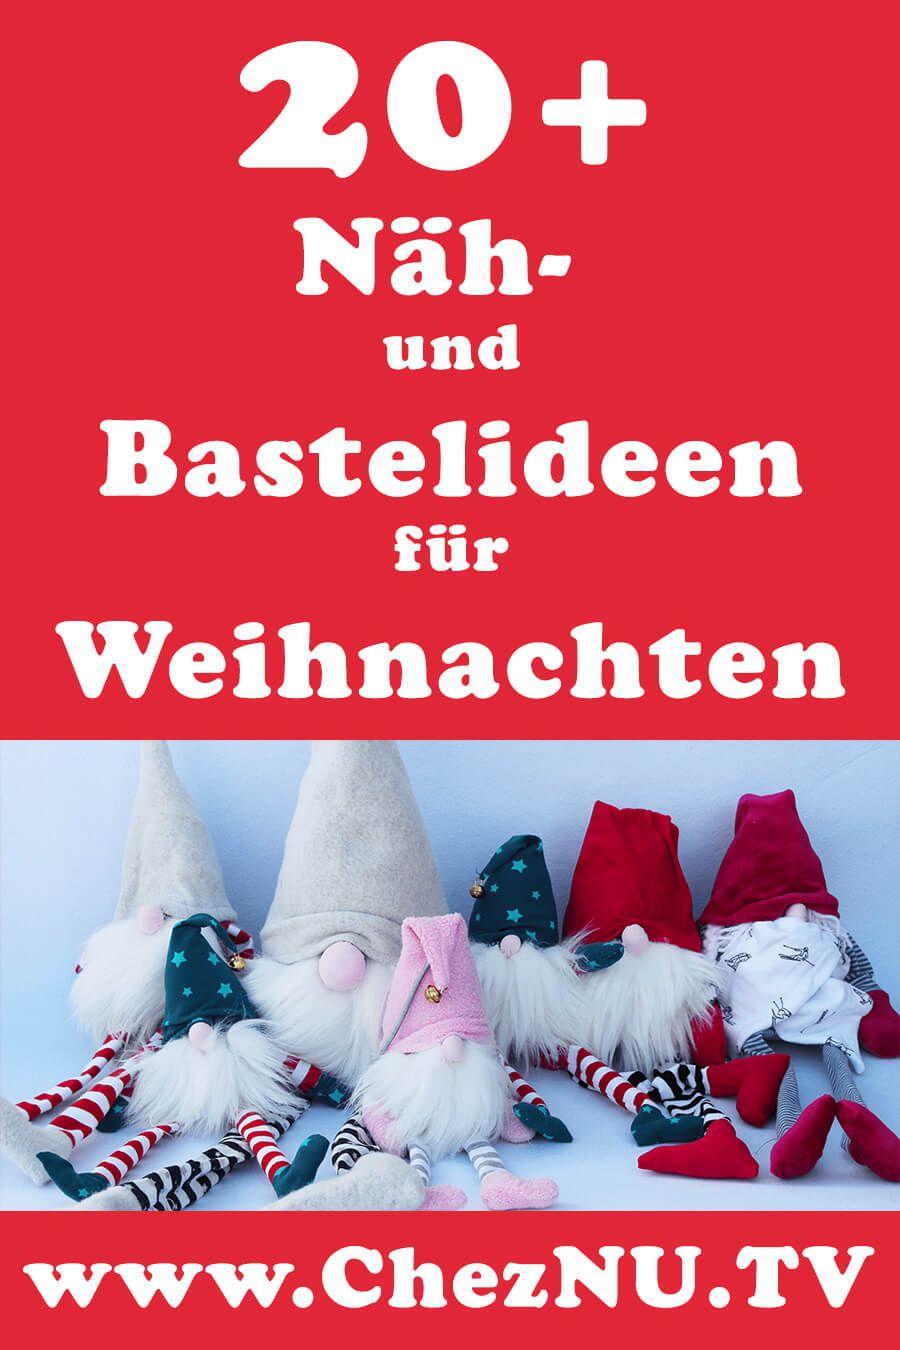 Mehr als 20 Nähideen und Bastelideen für Weihnachten